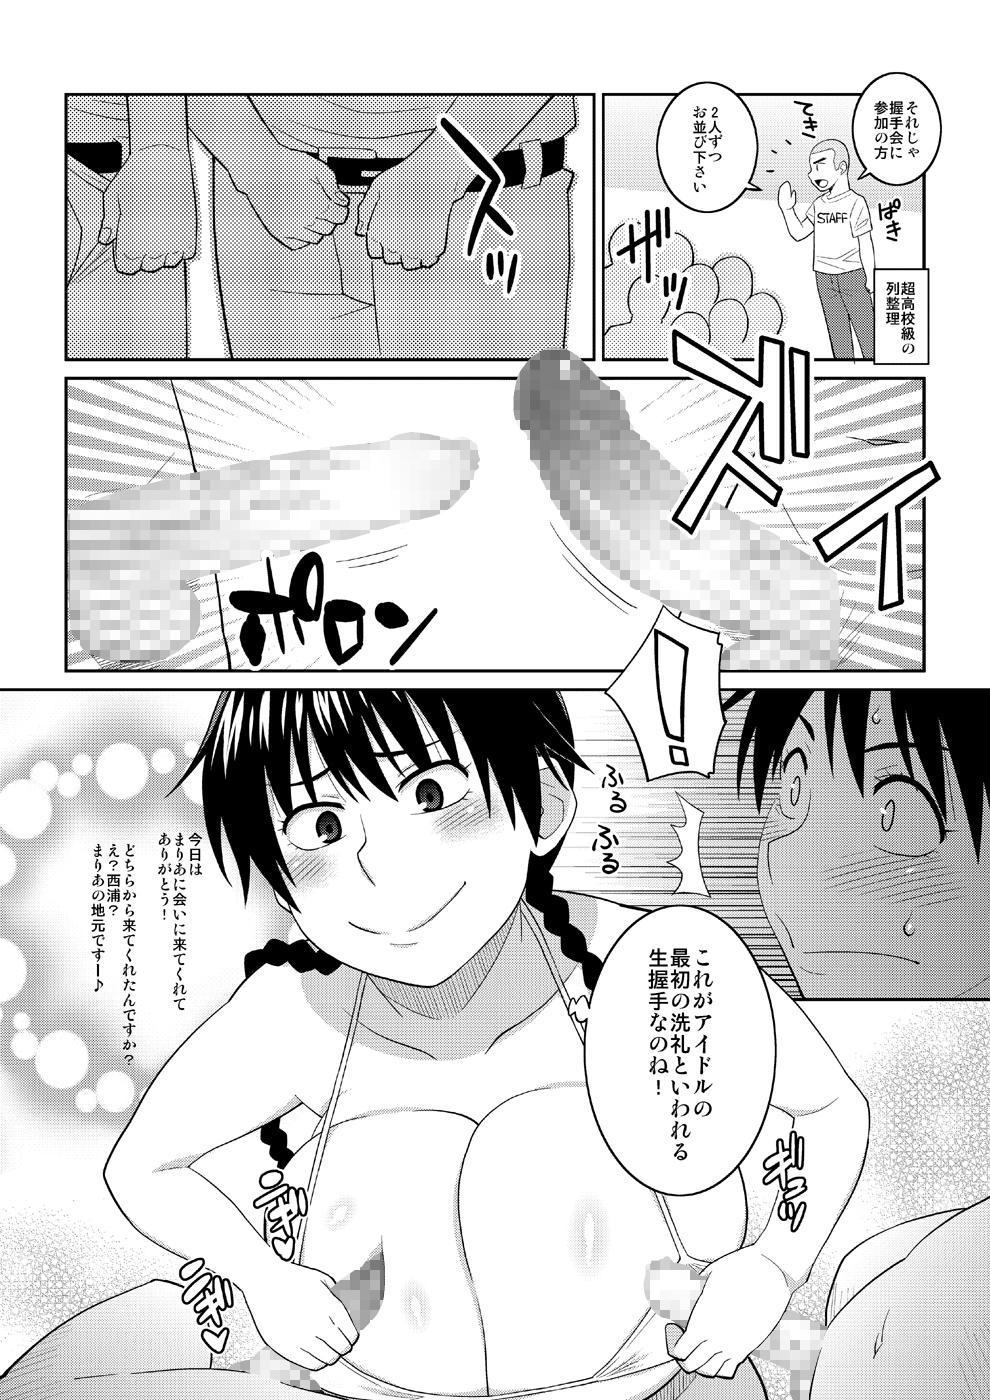 Momokan to Nama Akushu-kai Dekiru Yakyuubushitsu 7